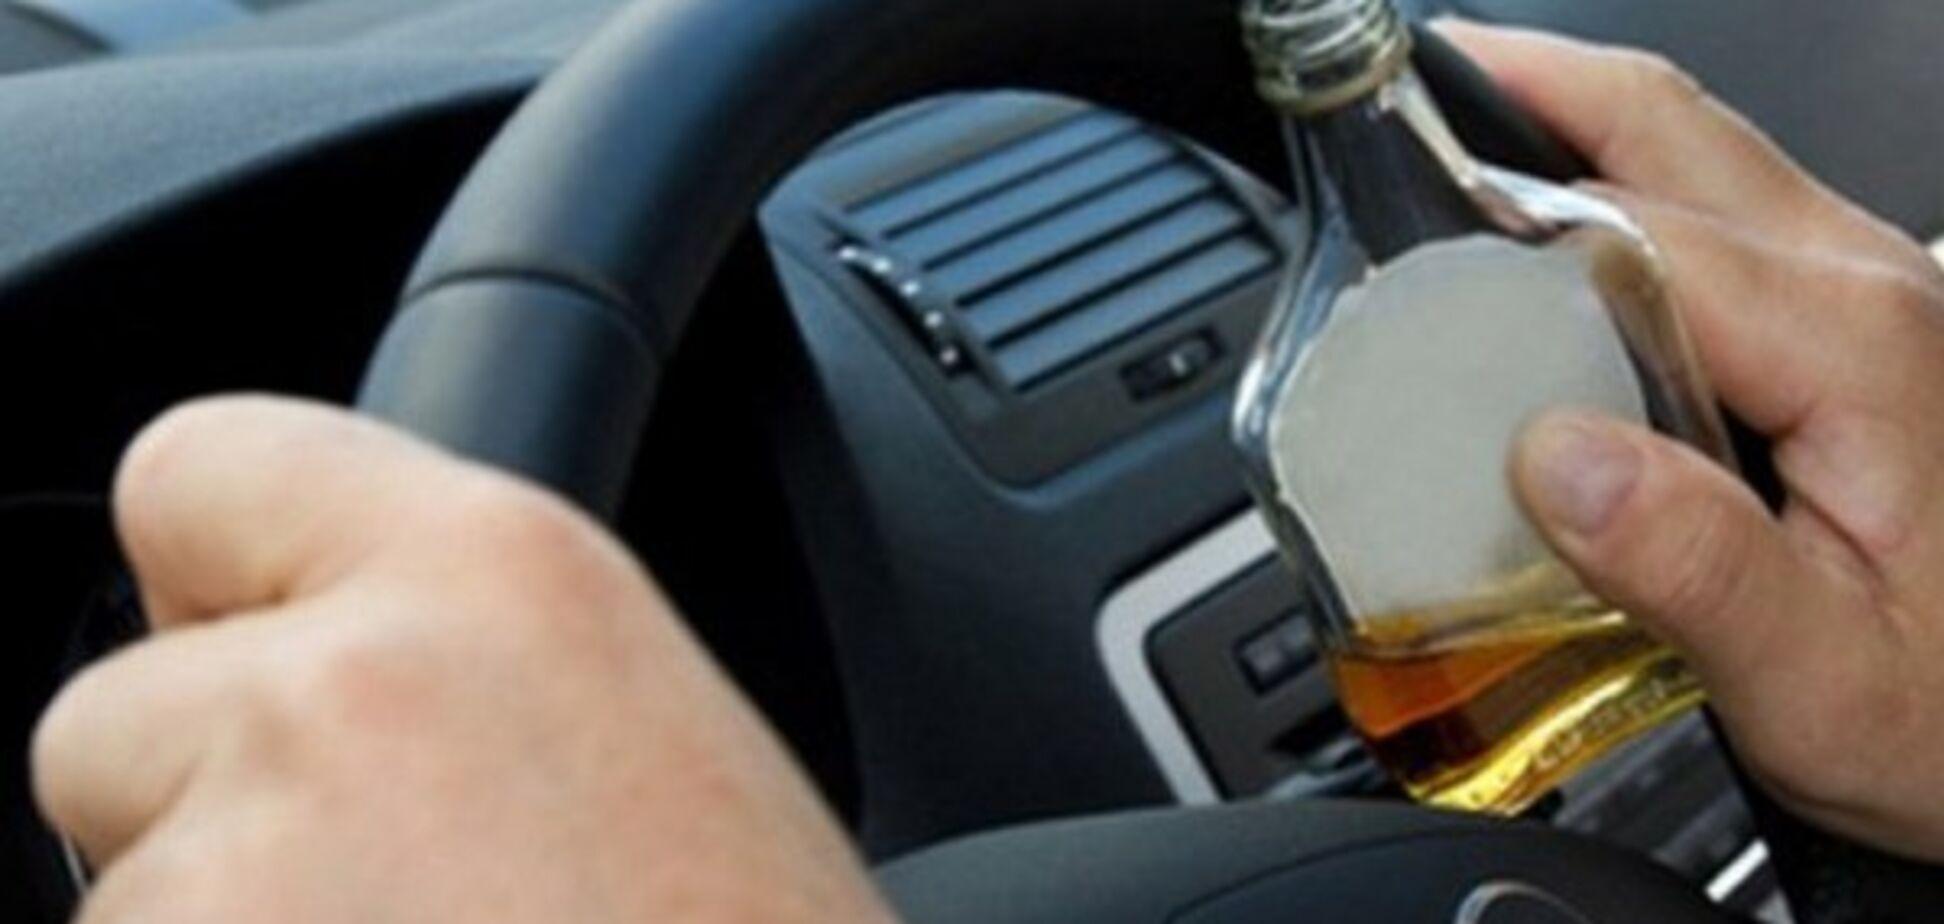 В Украине усилили наказание за пьяное вождение: чем важен закон об уголовных проступках